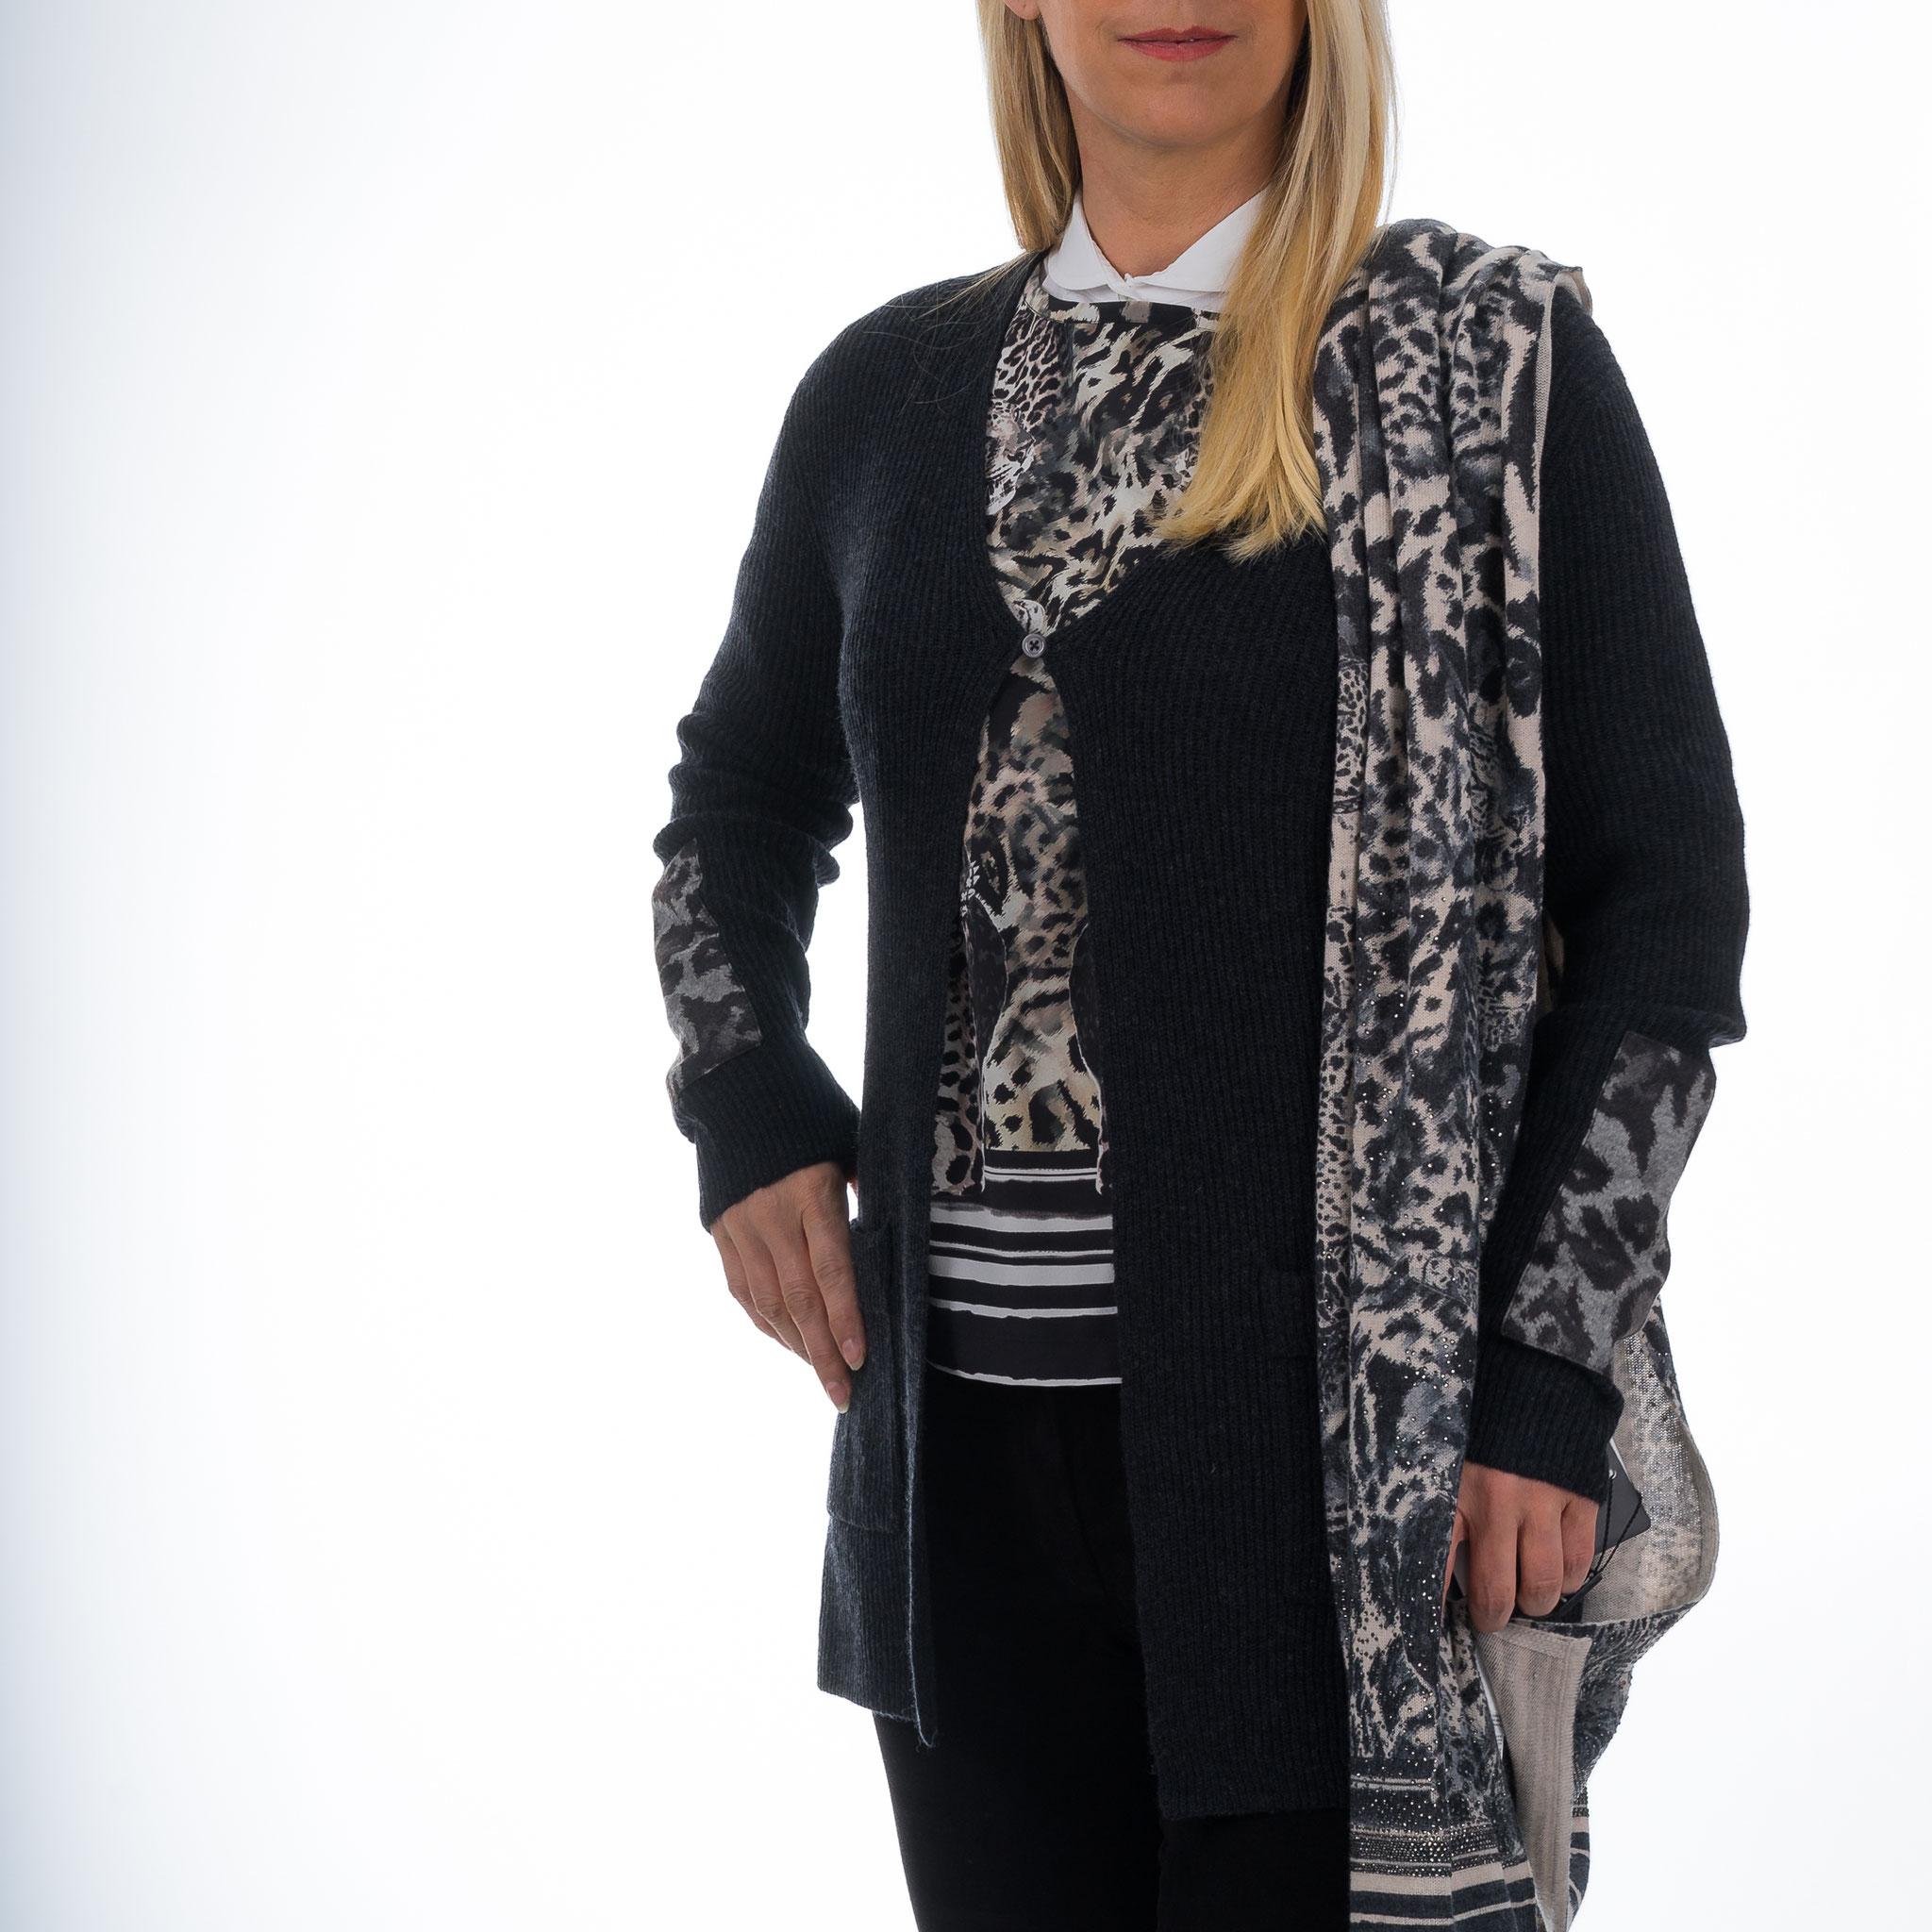 Bluse von Nice und Strickjacke Antrazit von Nice mit Schal